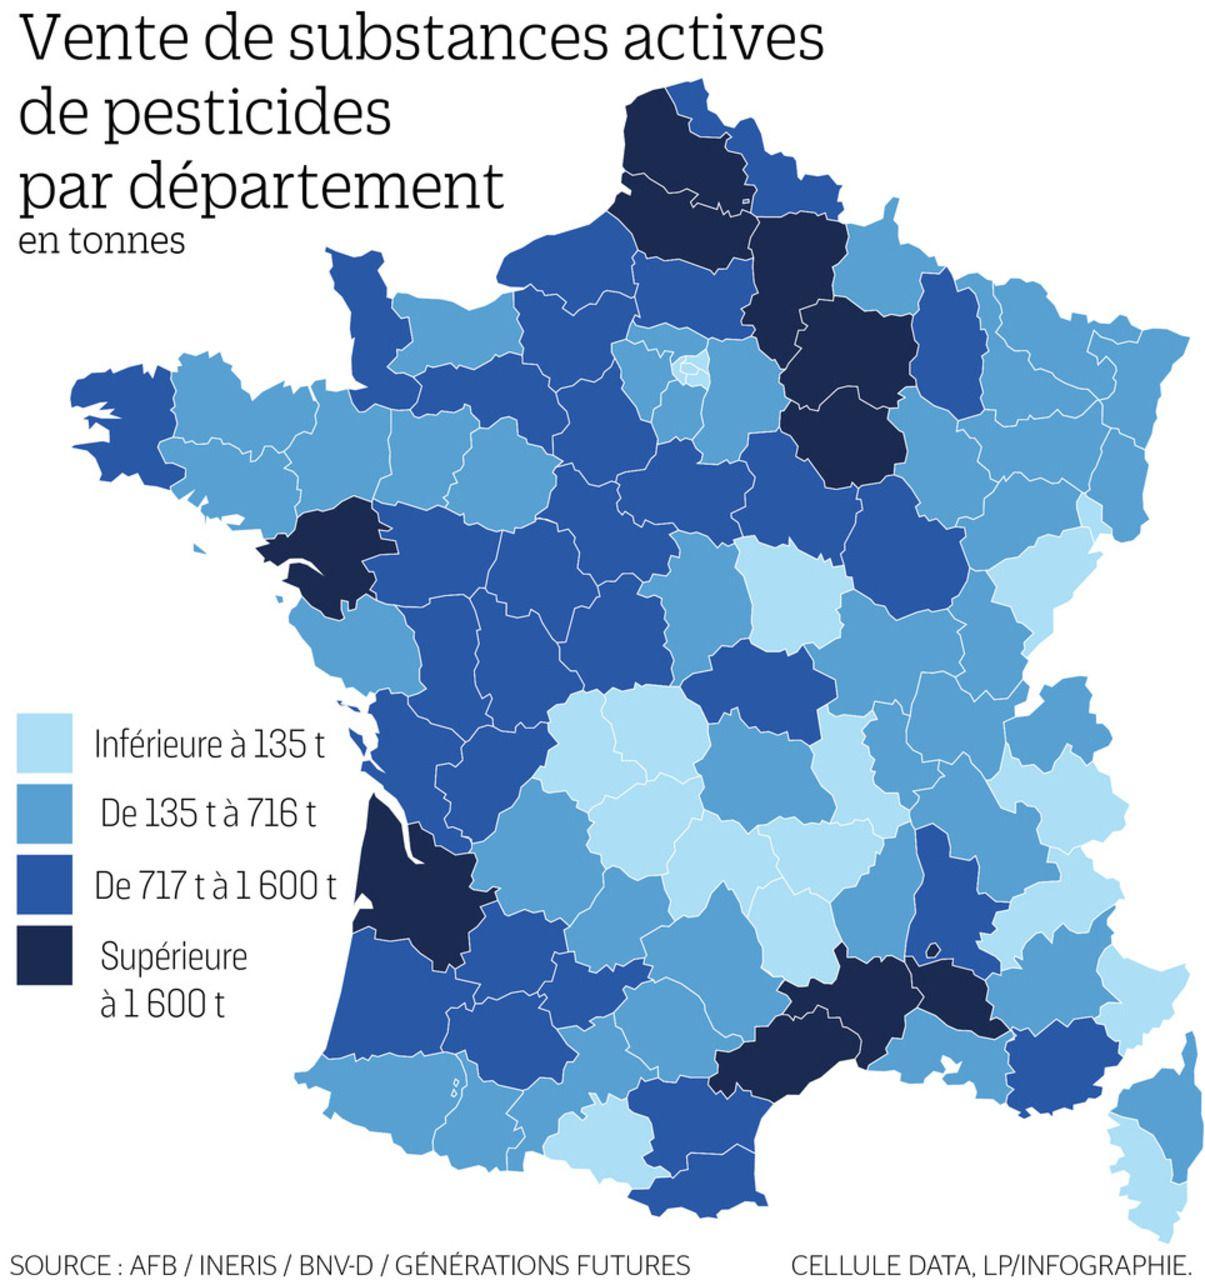 La Carte De France Des Départements Les Plus Consommateurs dedans Carte Des Départements Et Villes